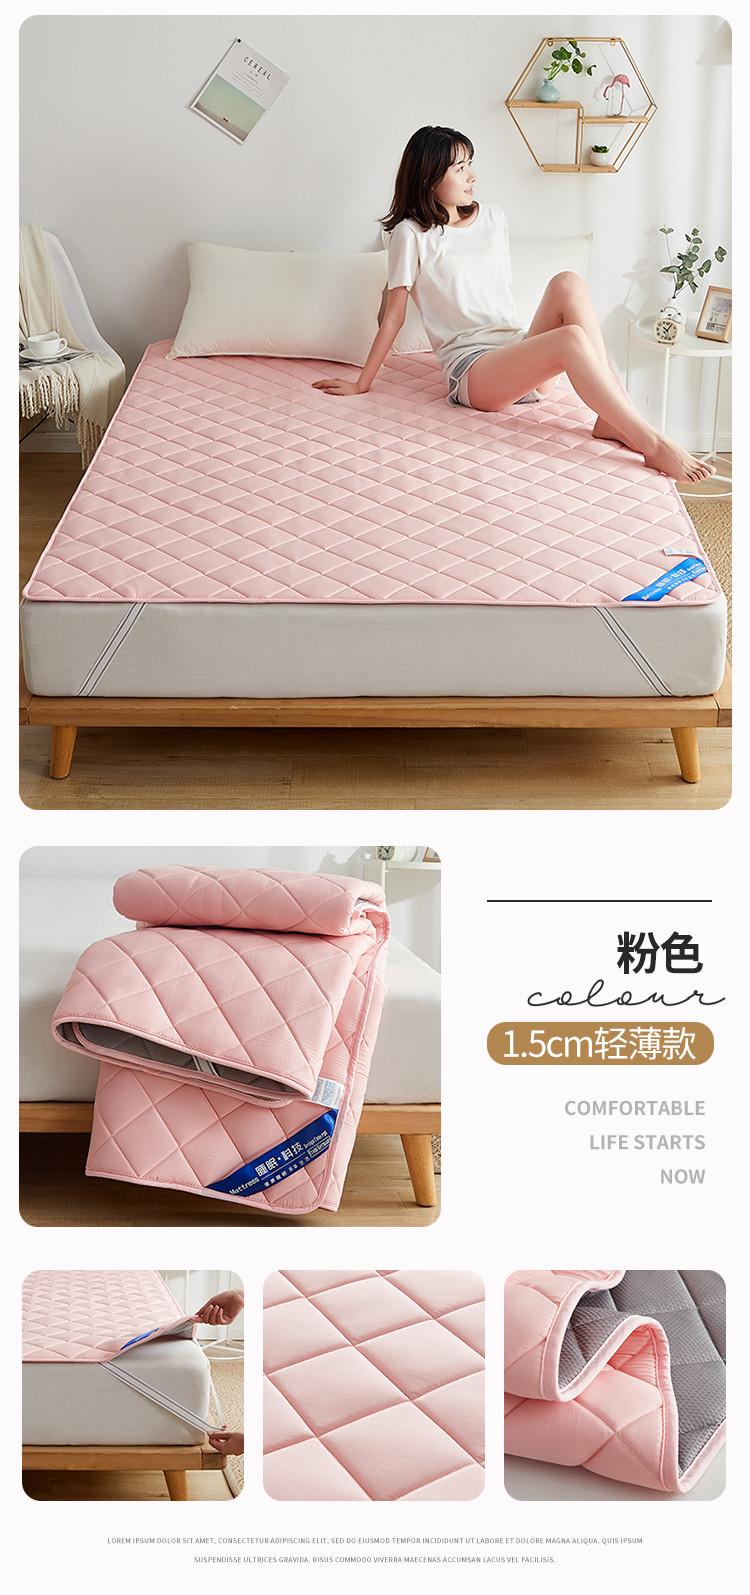 1.5cm轻薄款-粉色.jpg